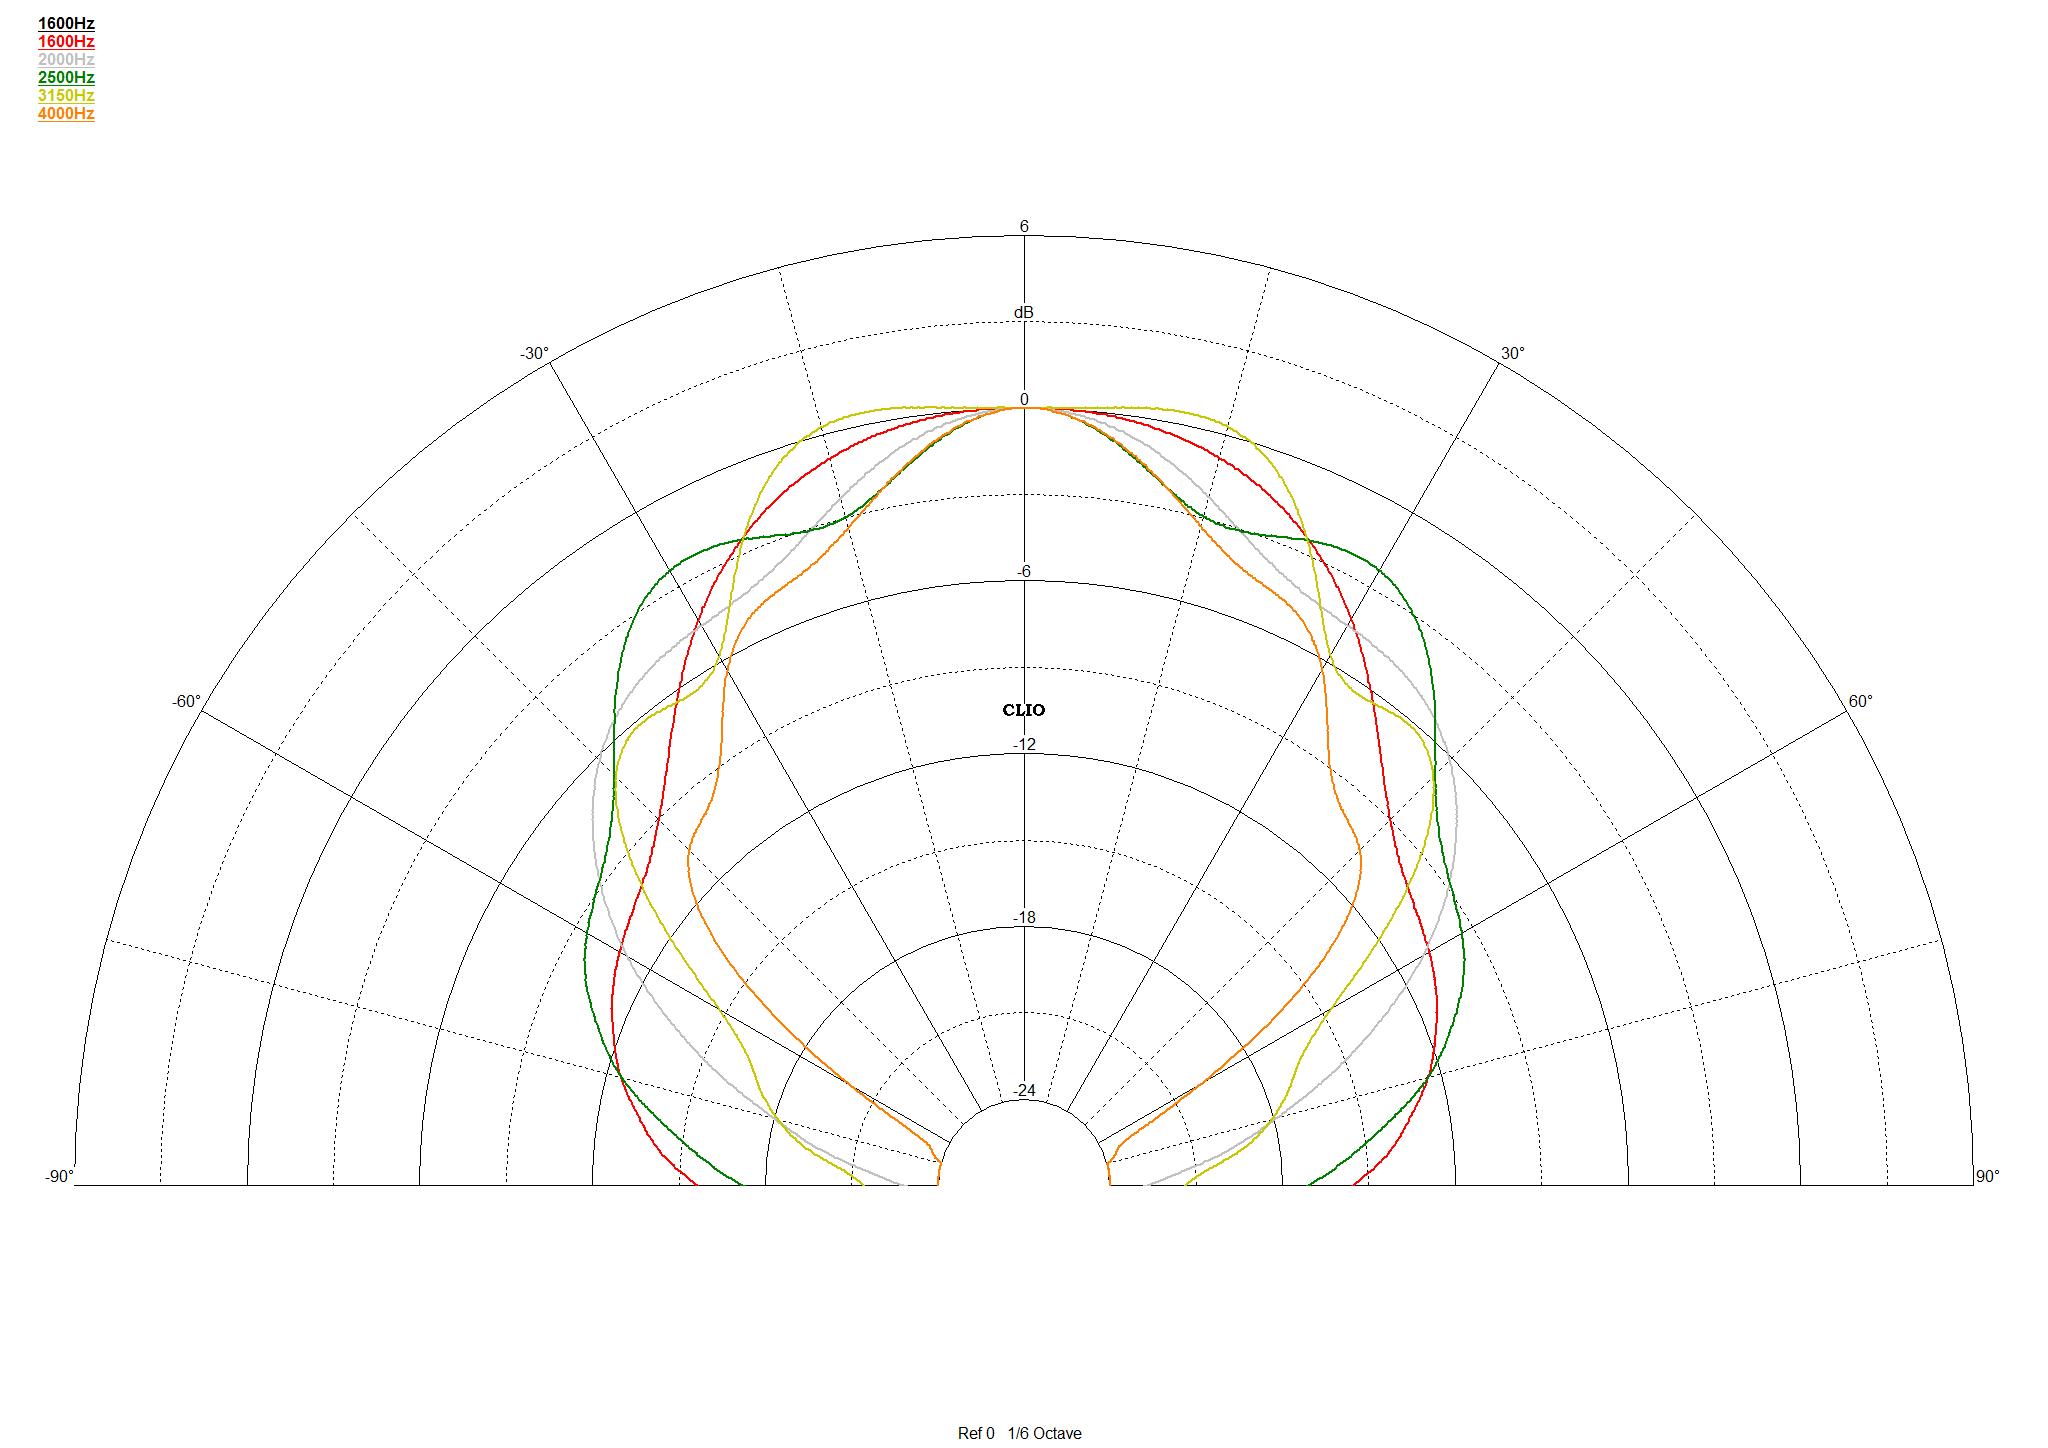 Cobertura angular comprendida entre 1.600 y 4.000Hz